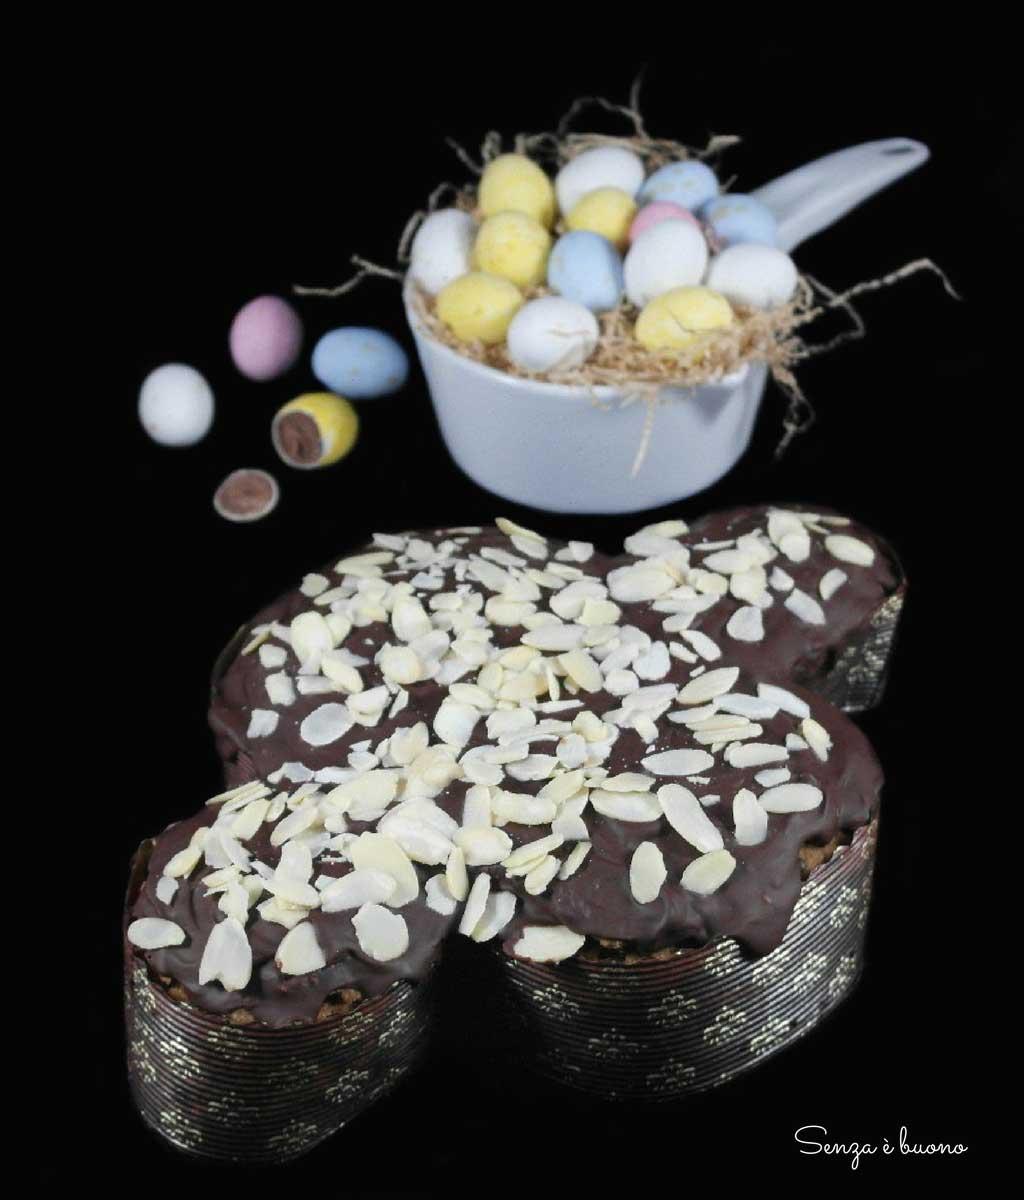 Ricetta colomba senza glutine vegan al cioccolato